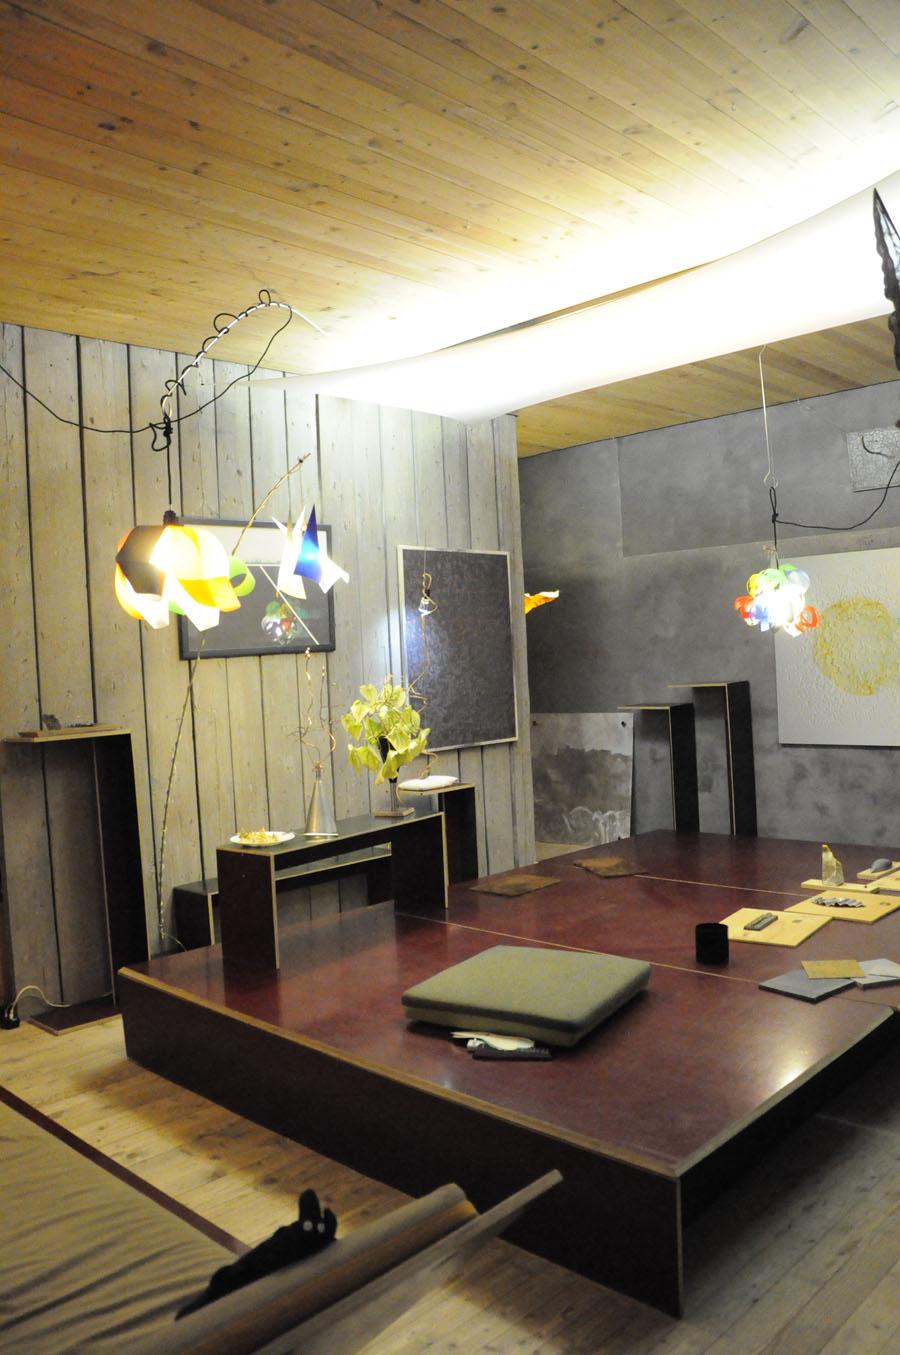 Freydenberg_Gallery_Laboratory_VF.2010_2014_4.jpg